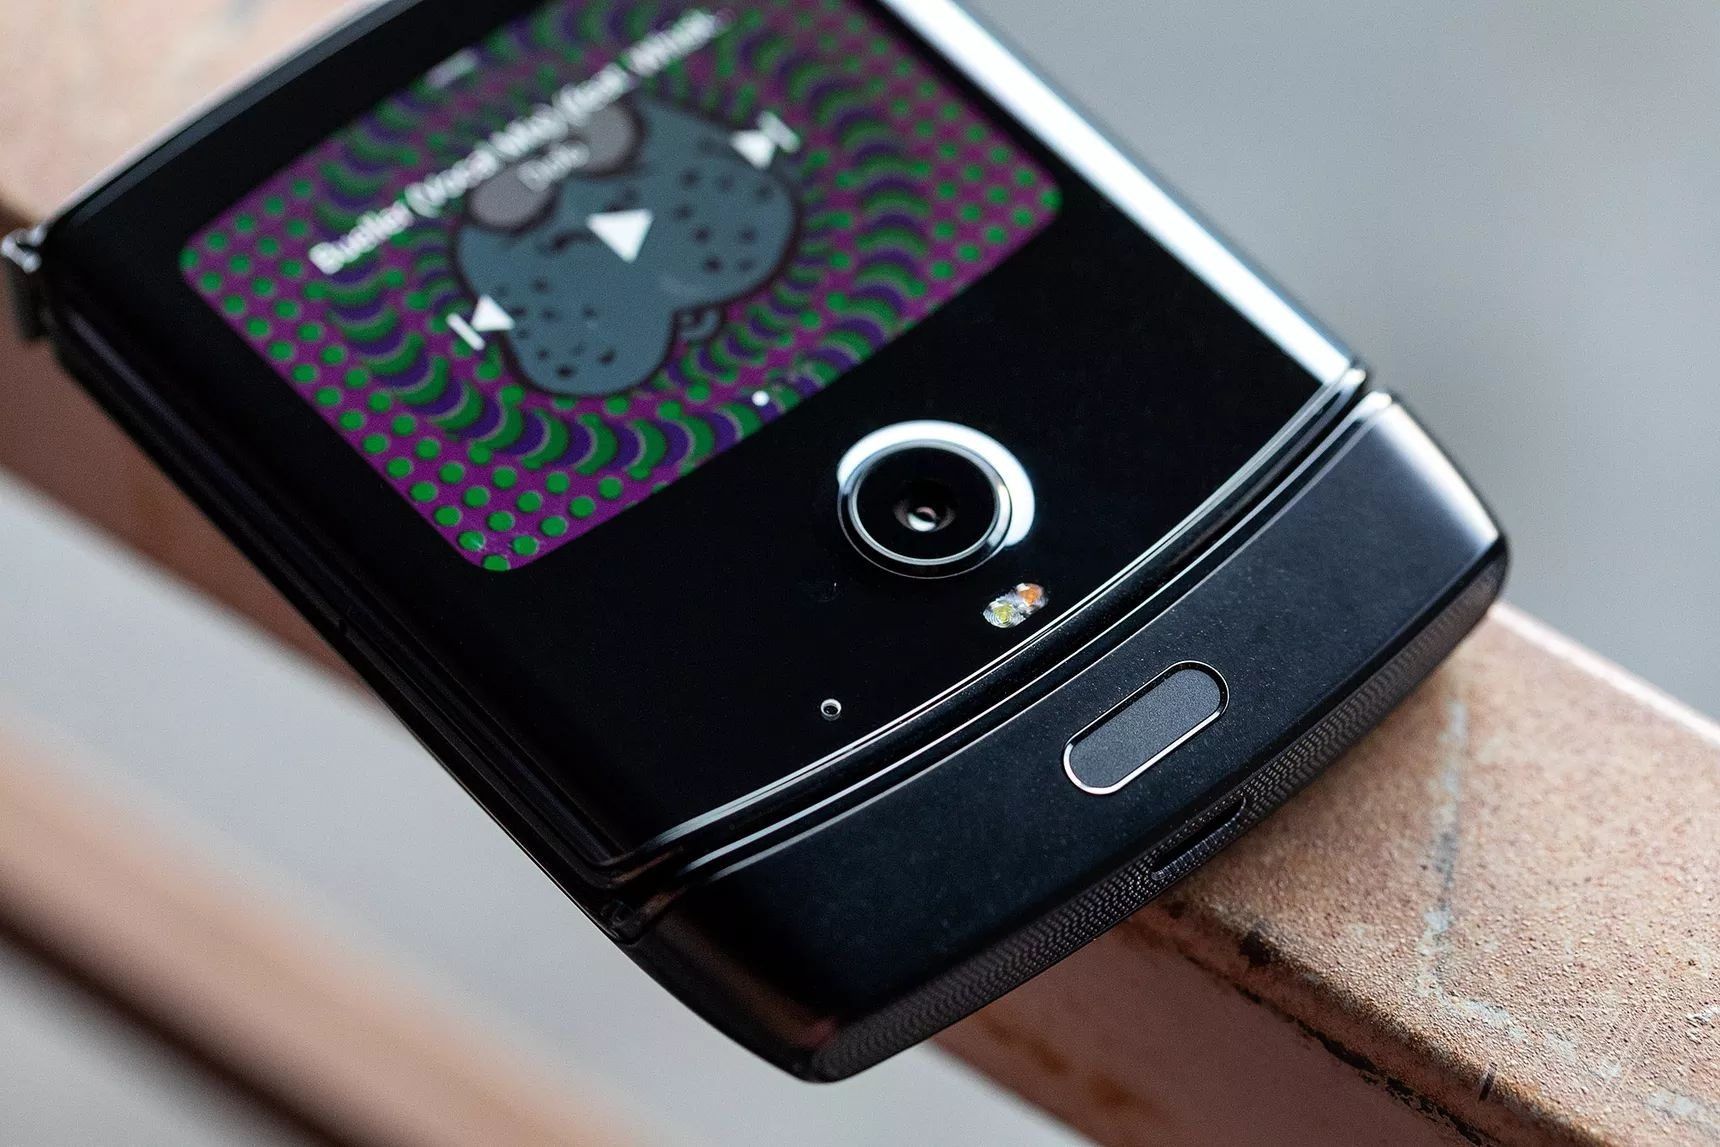 Складной смартфон Motorola RAZR c гибким экраном представлен официально